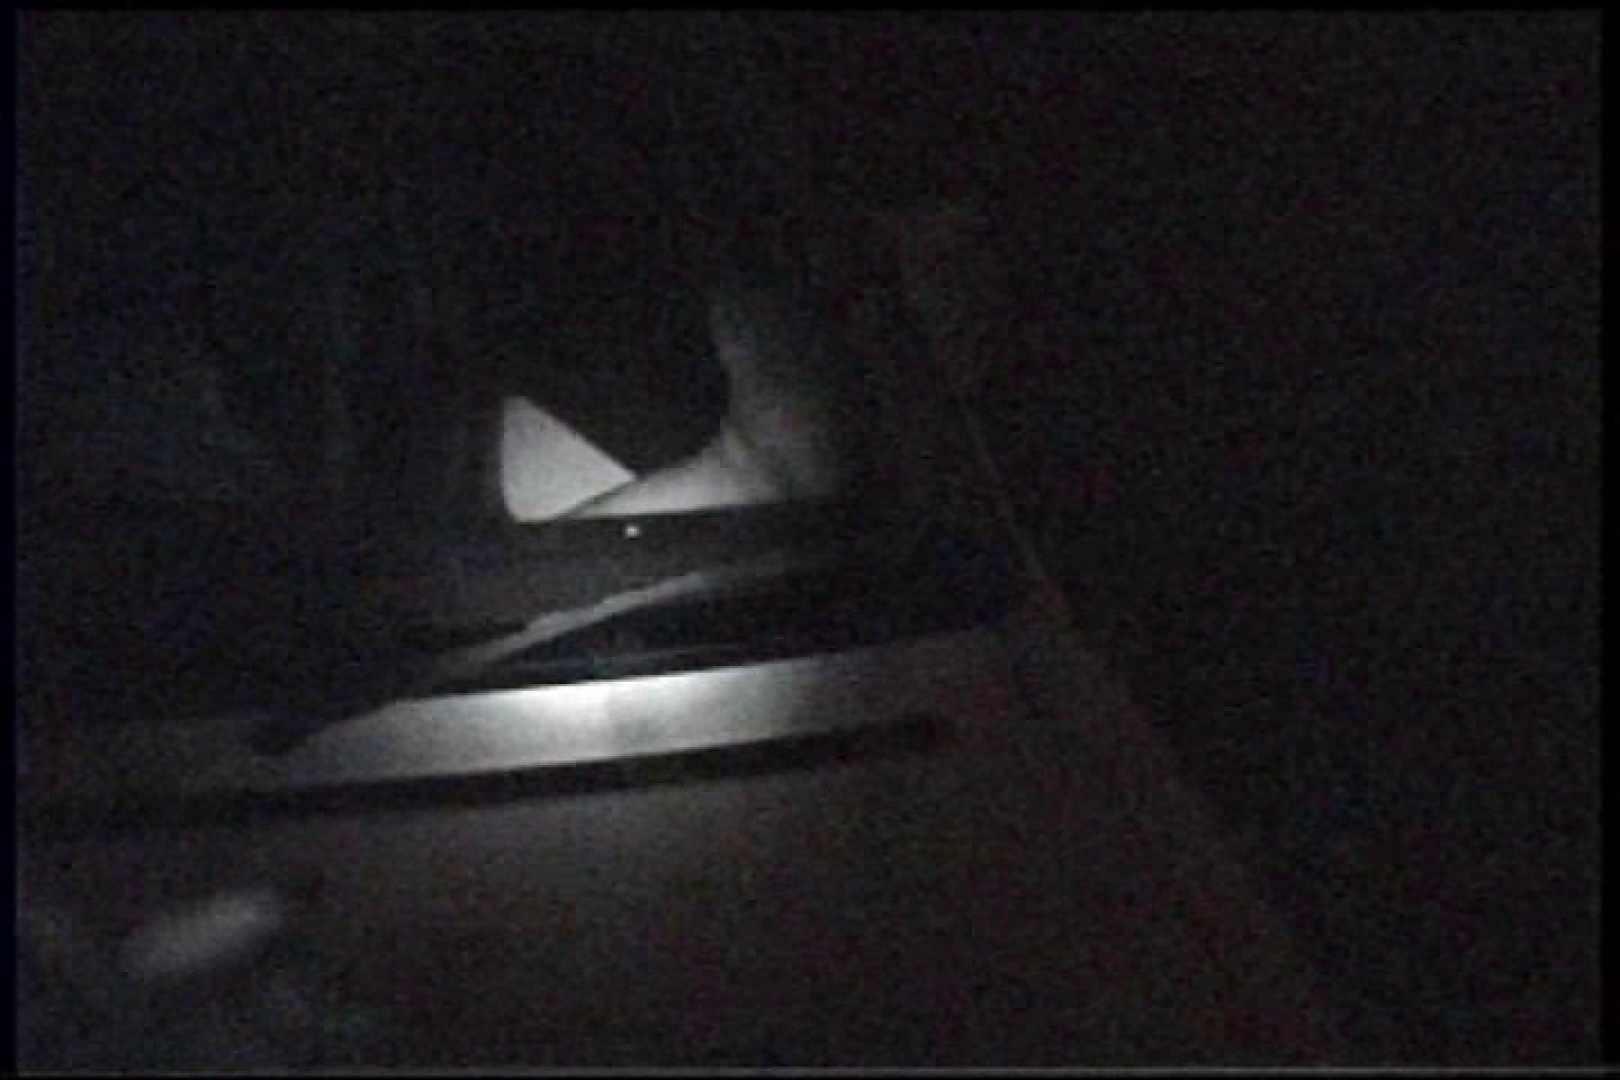 充血監督の深夜の運動会Vol.238 OLセックス | プライベート  60画像 43